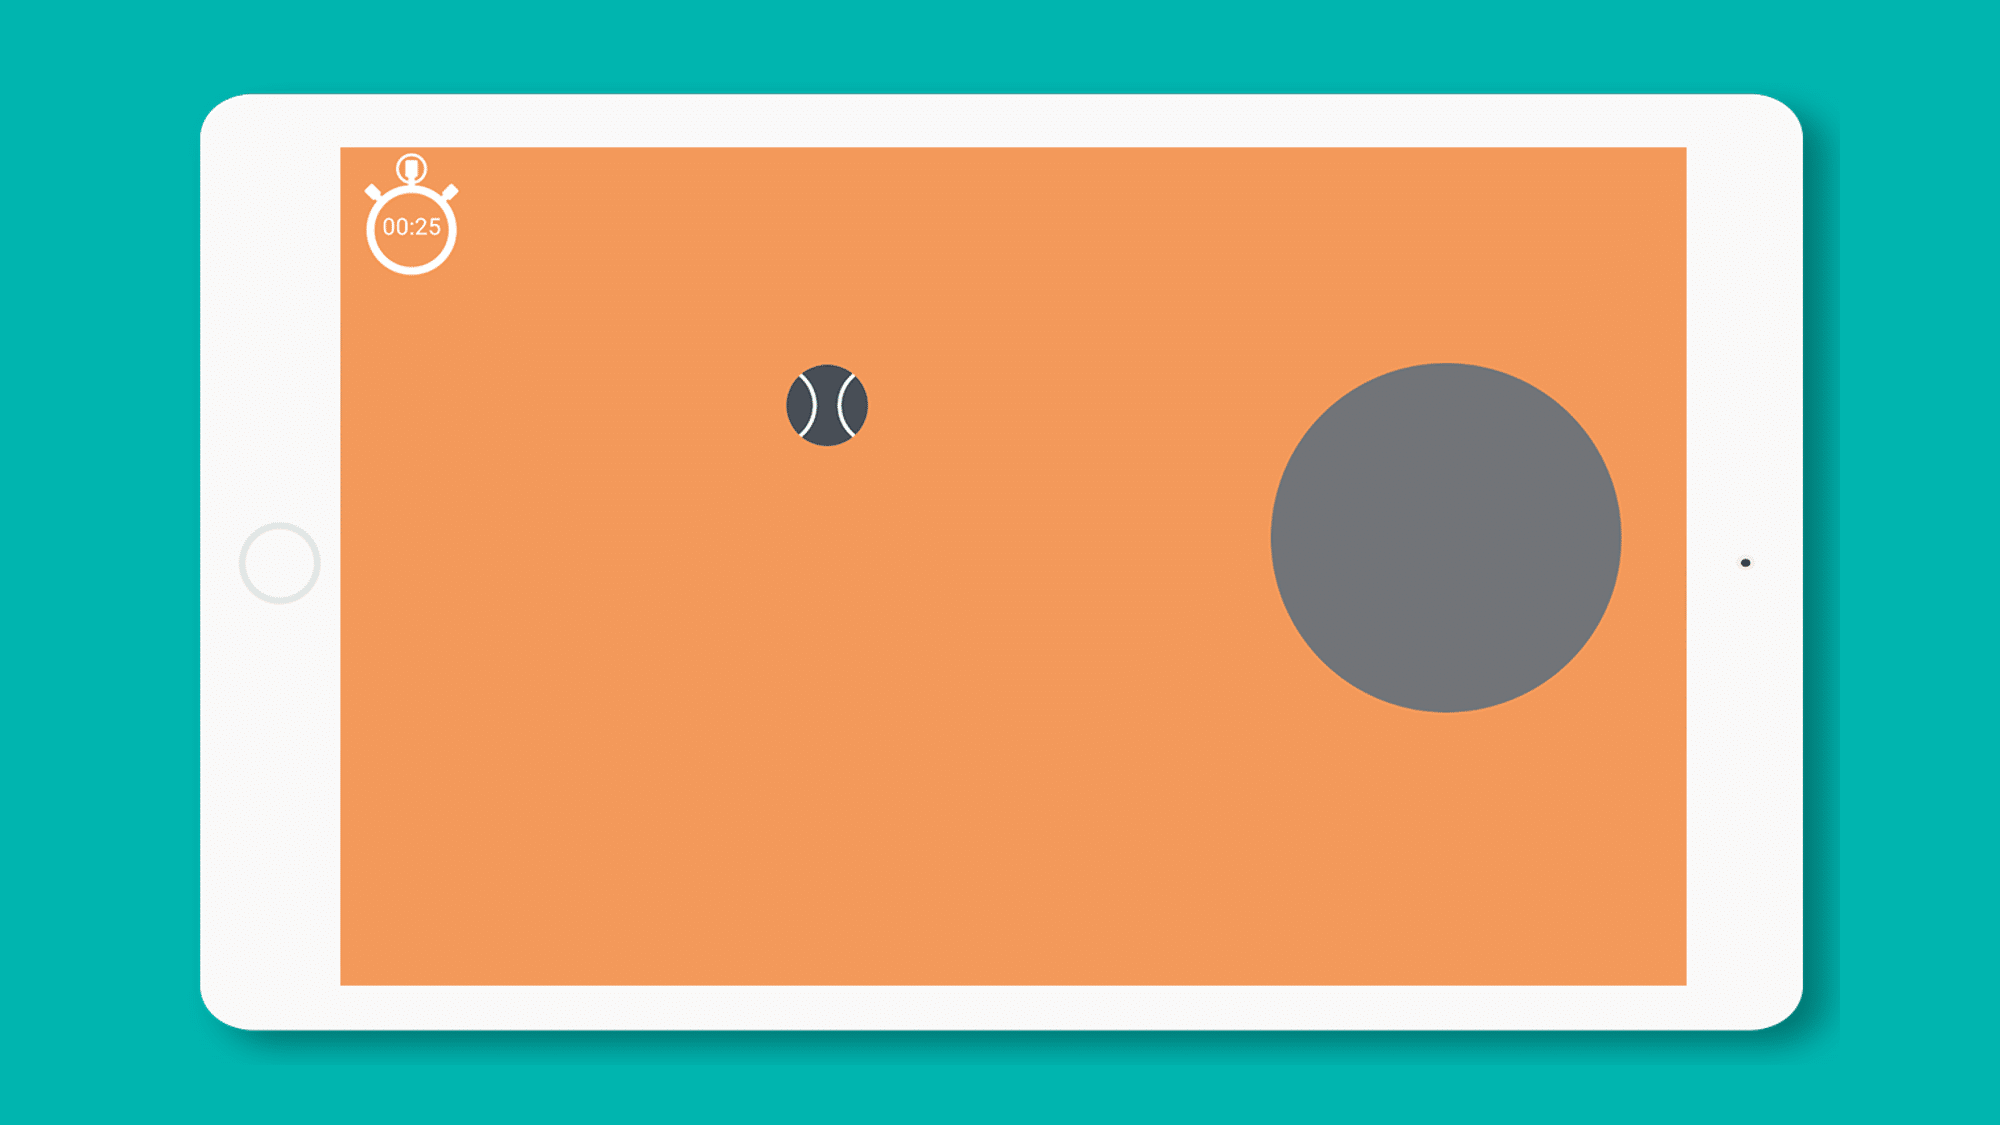 tab-edith-joe-boite-a-outils-outil-handicap-toolbox-app-jeu-jeux-occuper-dynseo-stim'art-joe-edith-coco-objets-physiques-activite-activites-parfait-utile-utiles